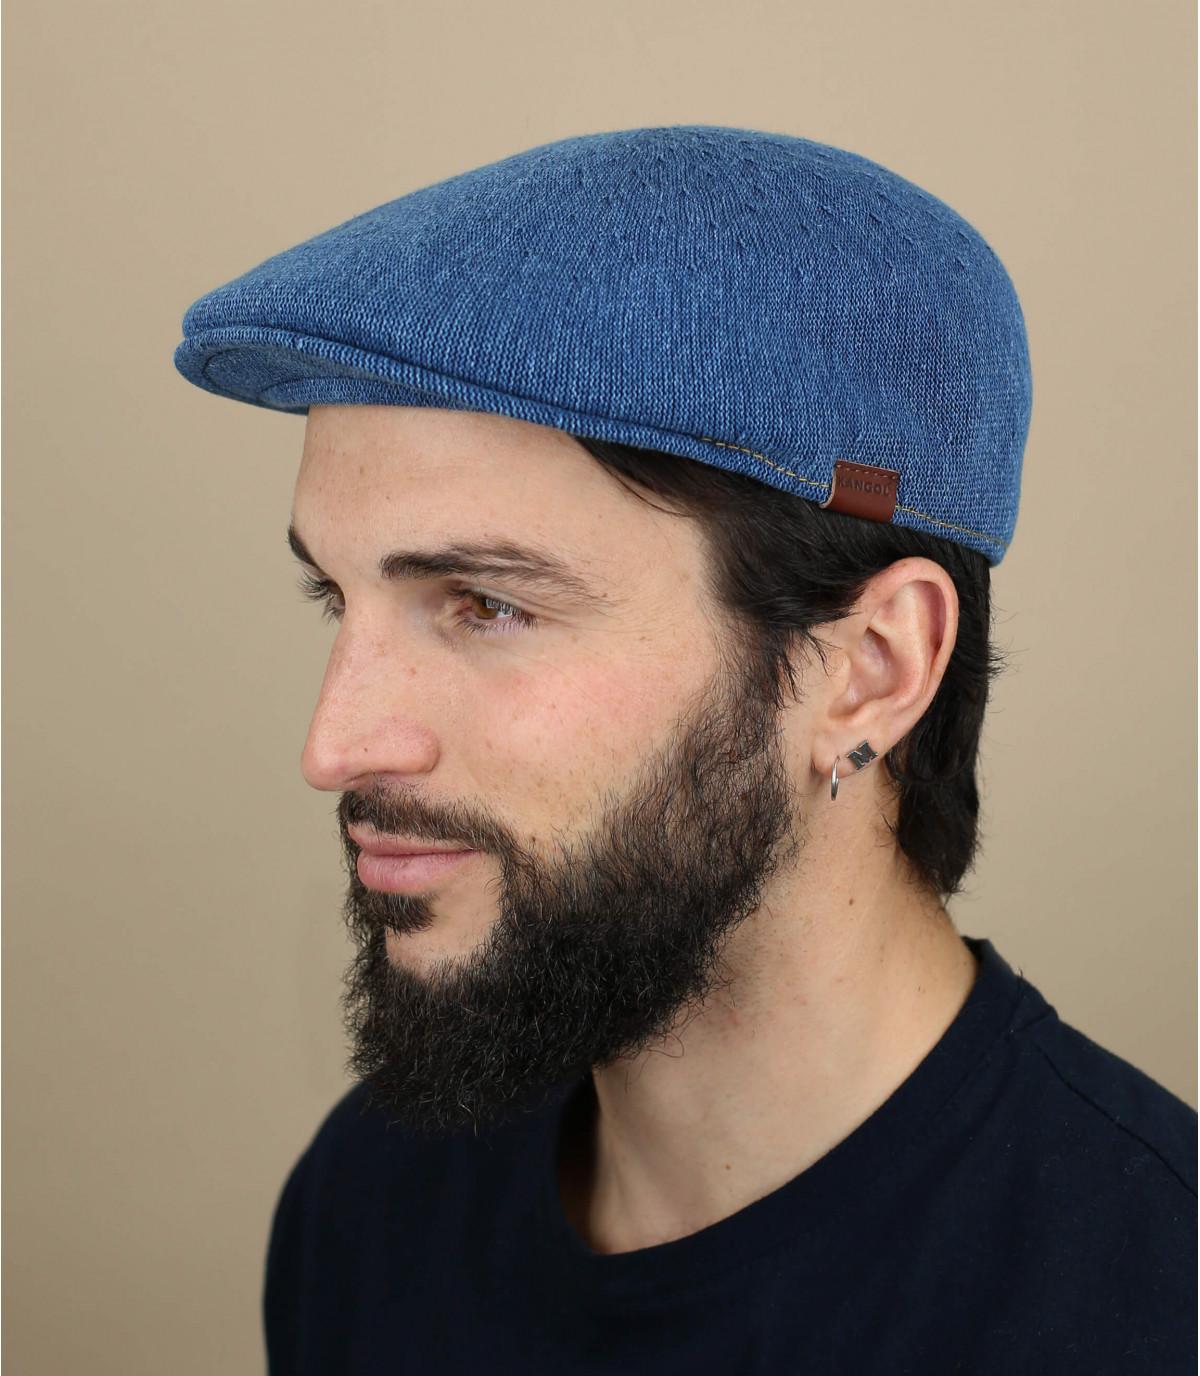 Cappellino 507 denim